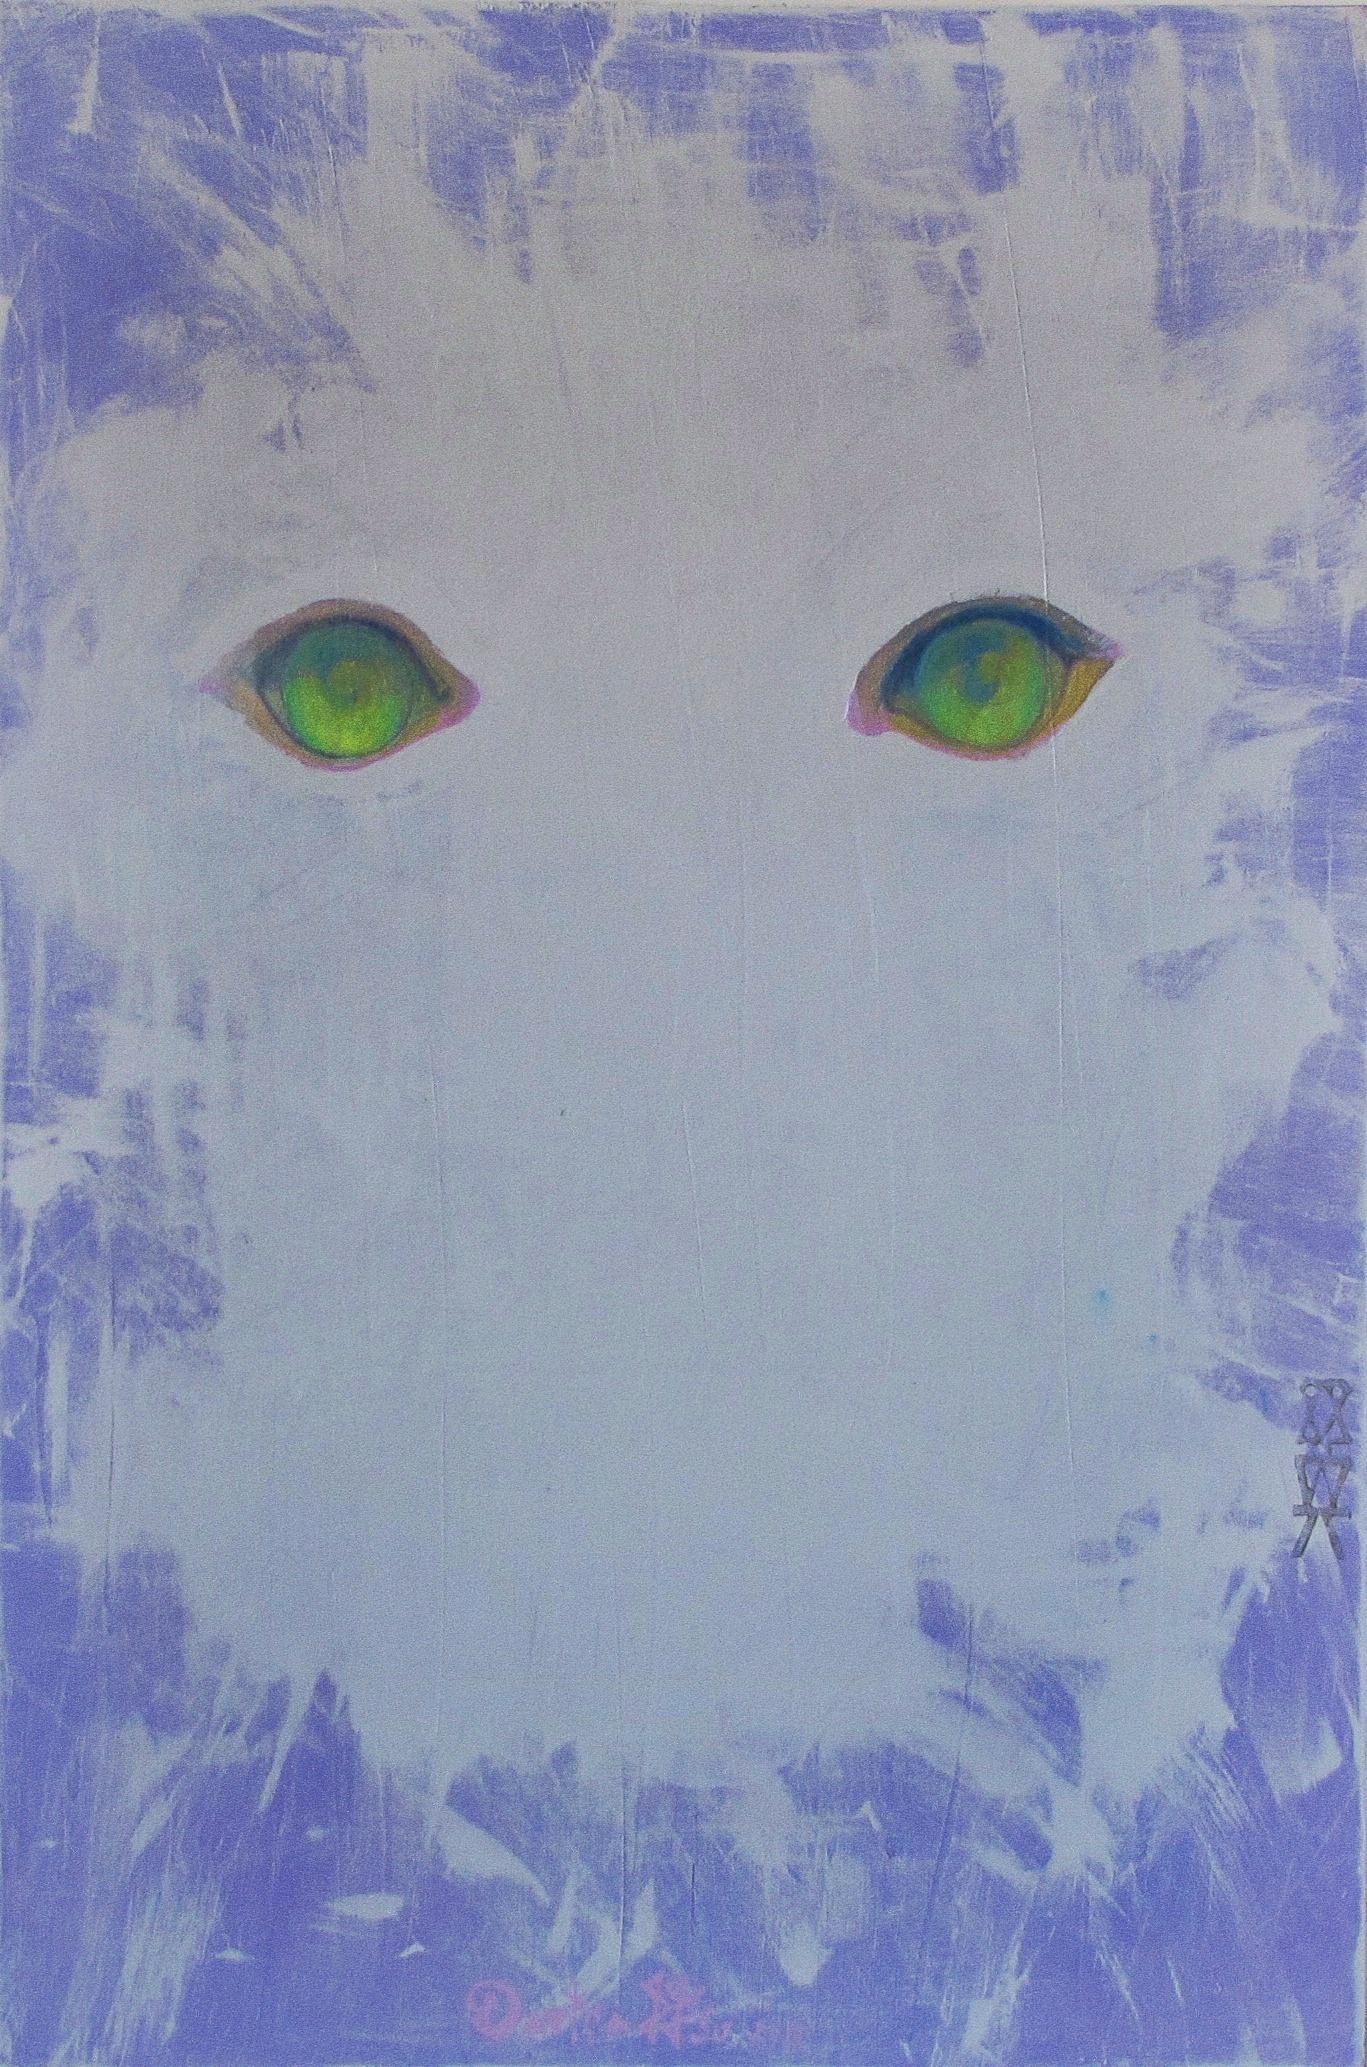 Glowing Eyes , 2011